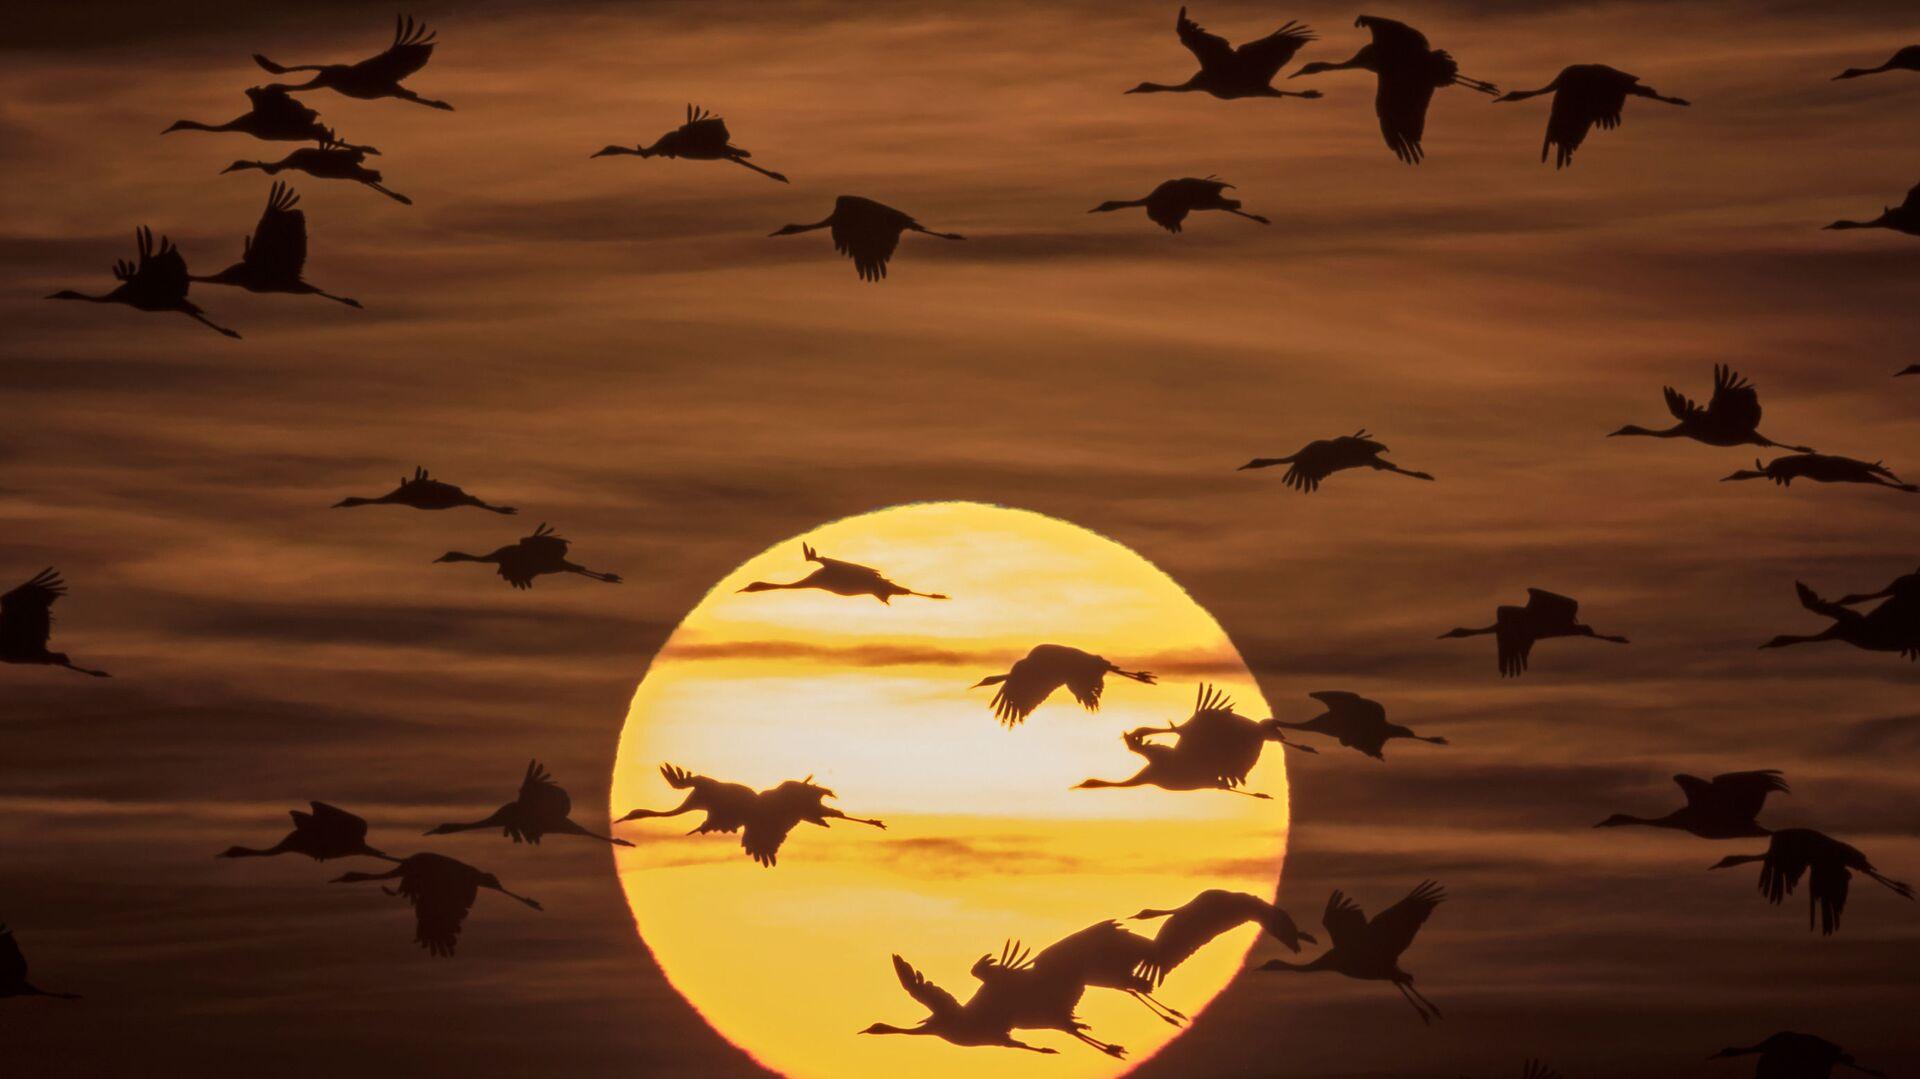 Ptáci na pozadí slunce - Sputnik Česká republika, 1920, 14.09.2021